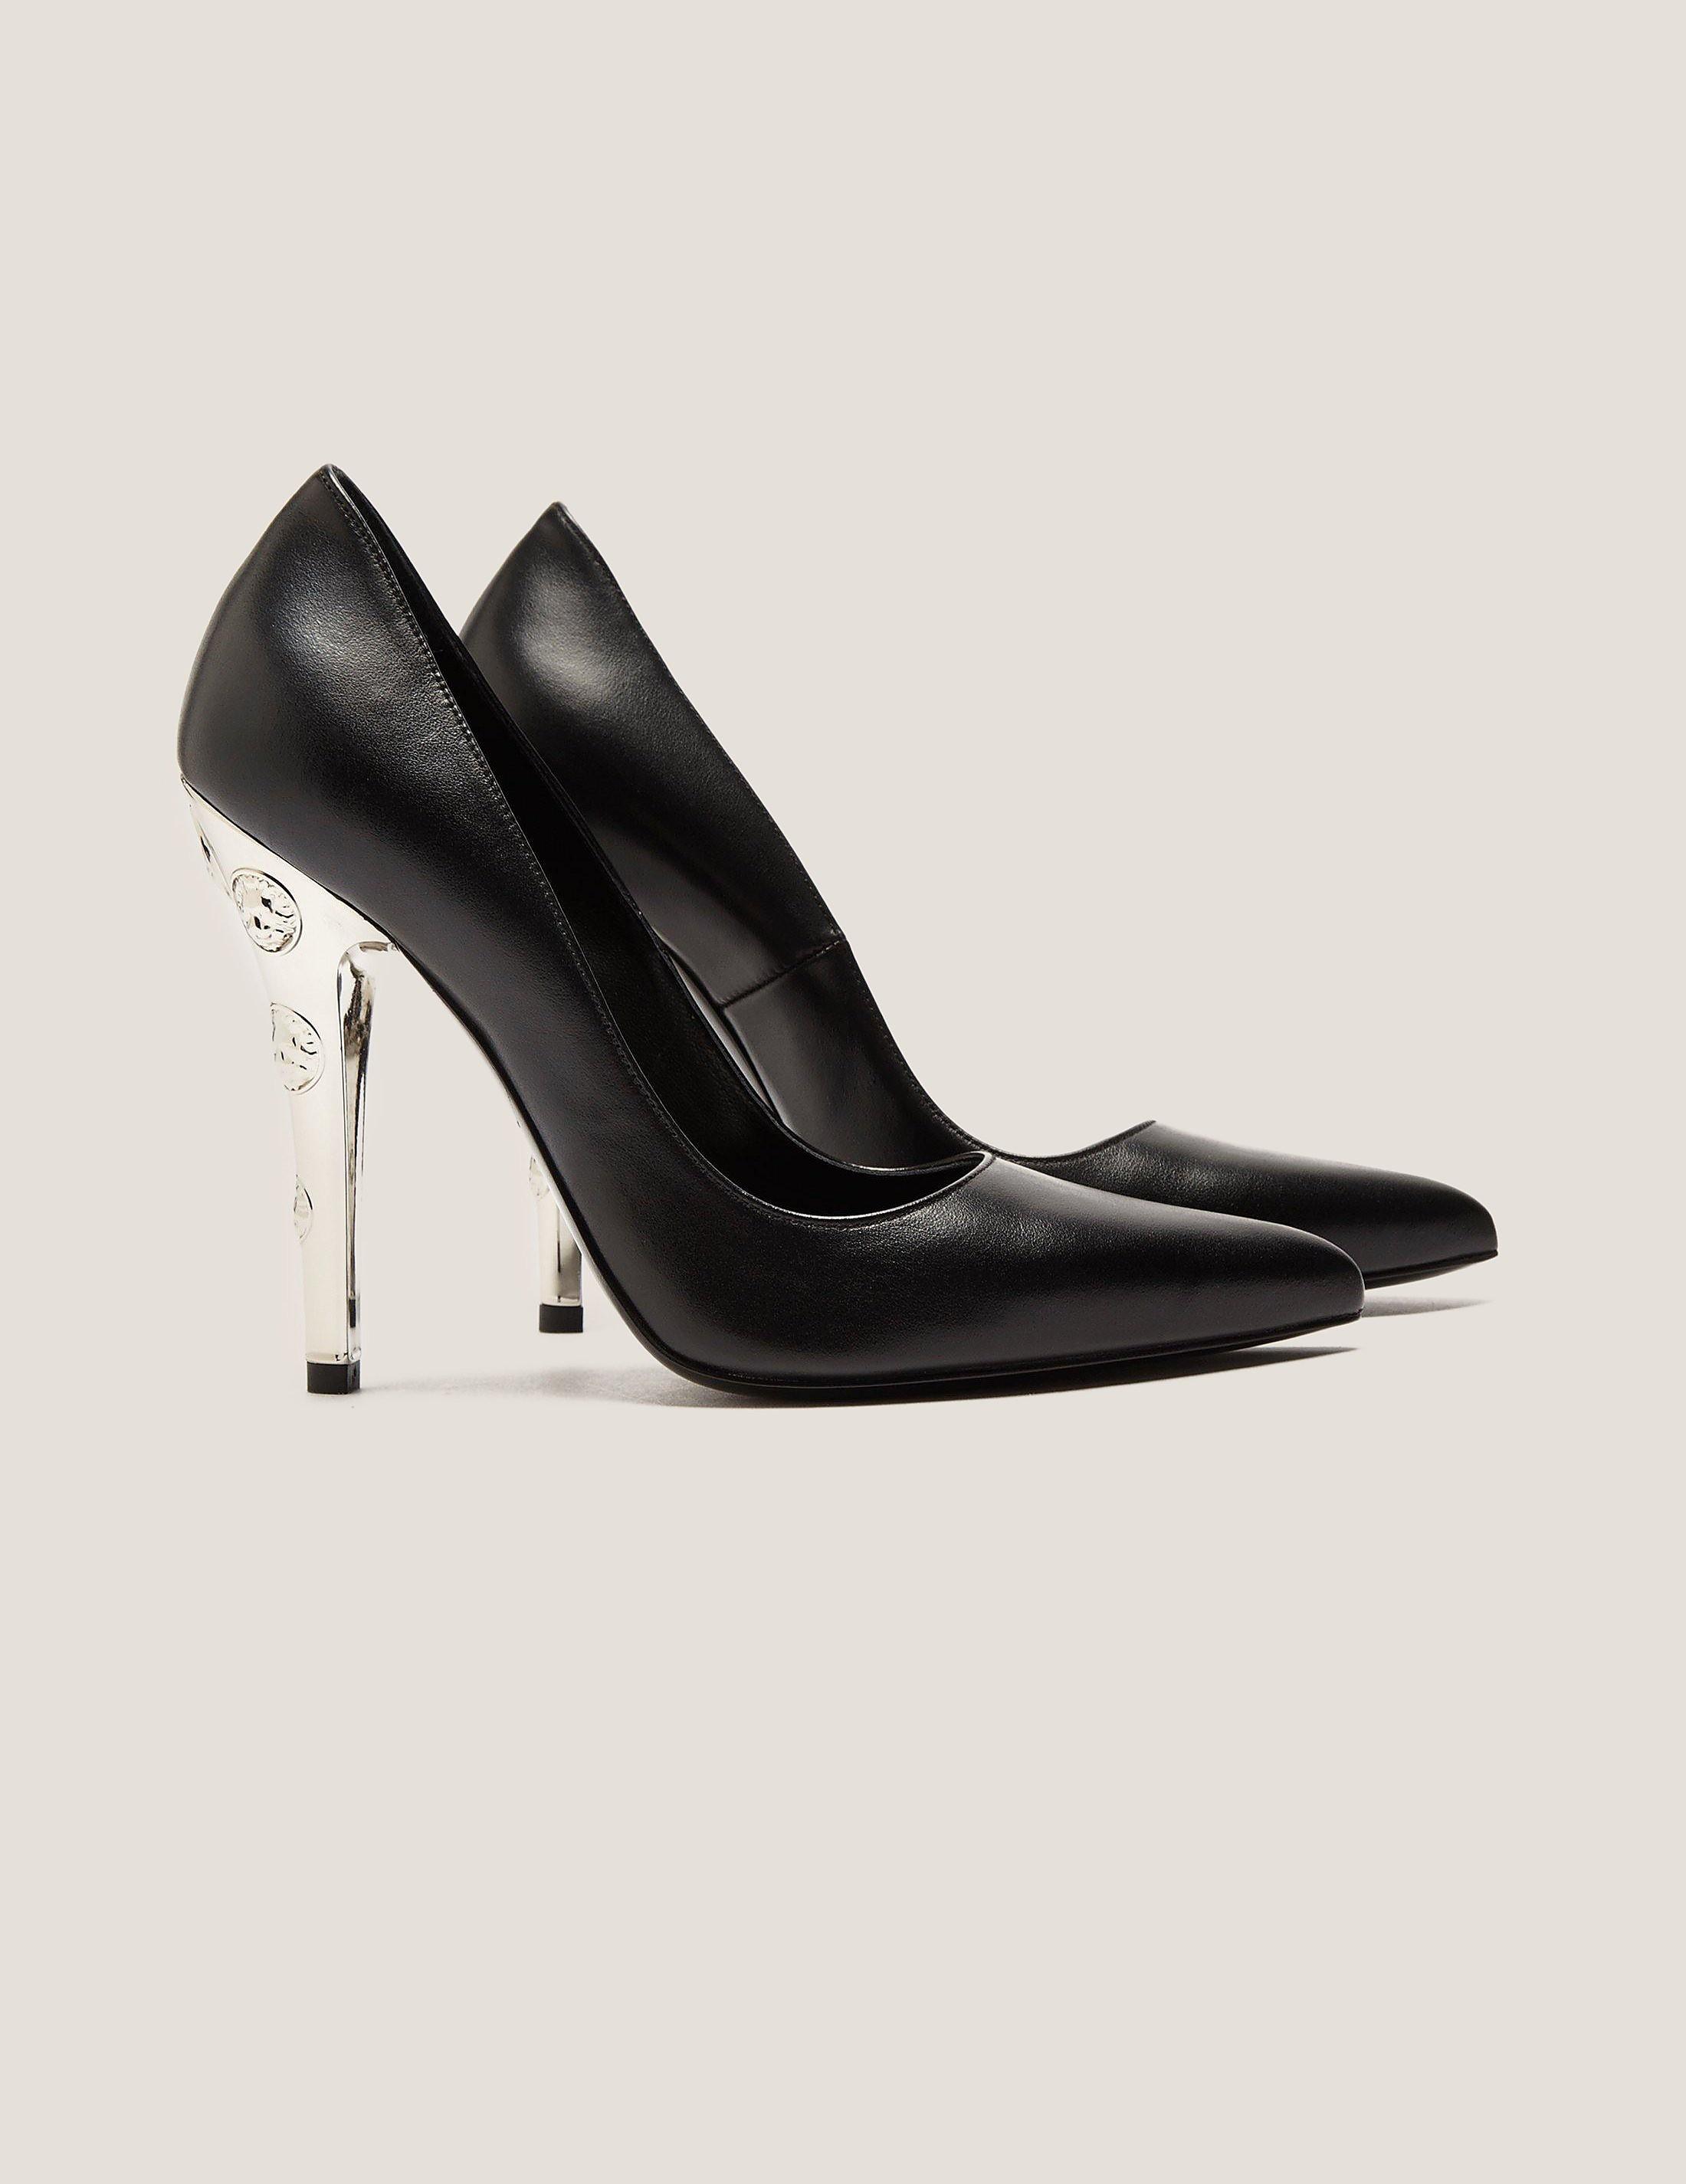 Versus Versace Court Shoe